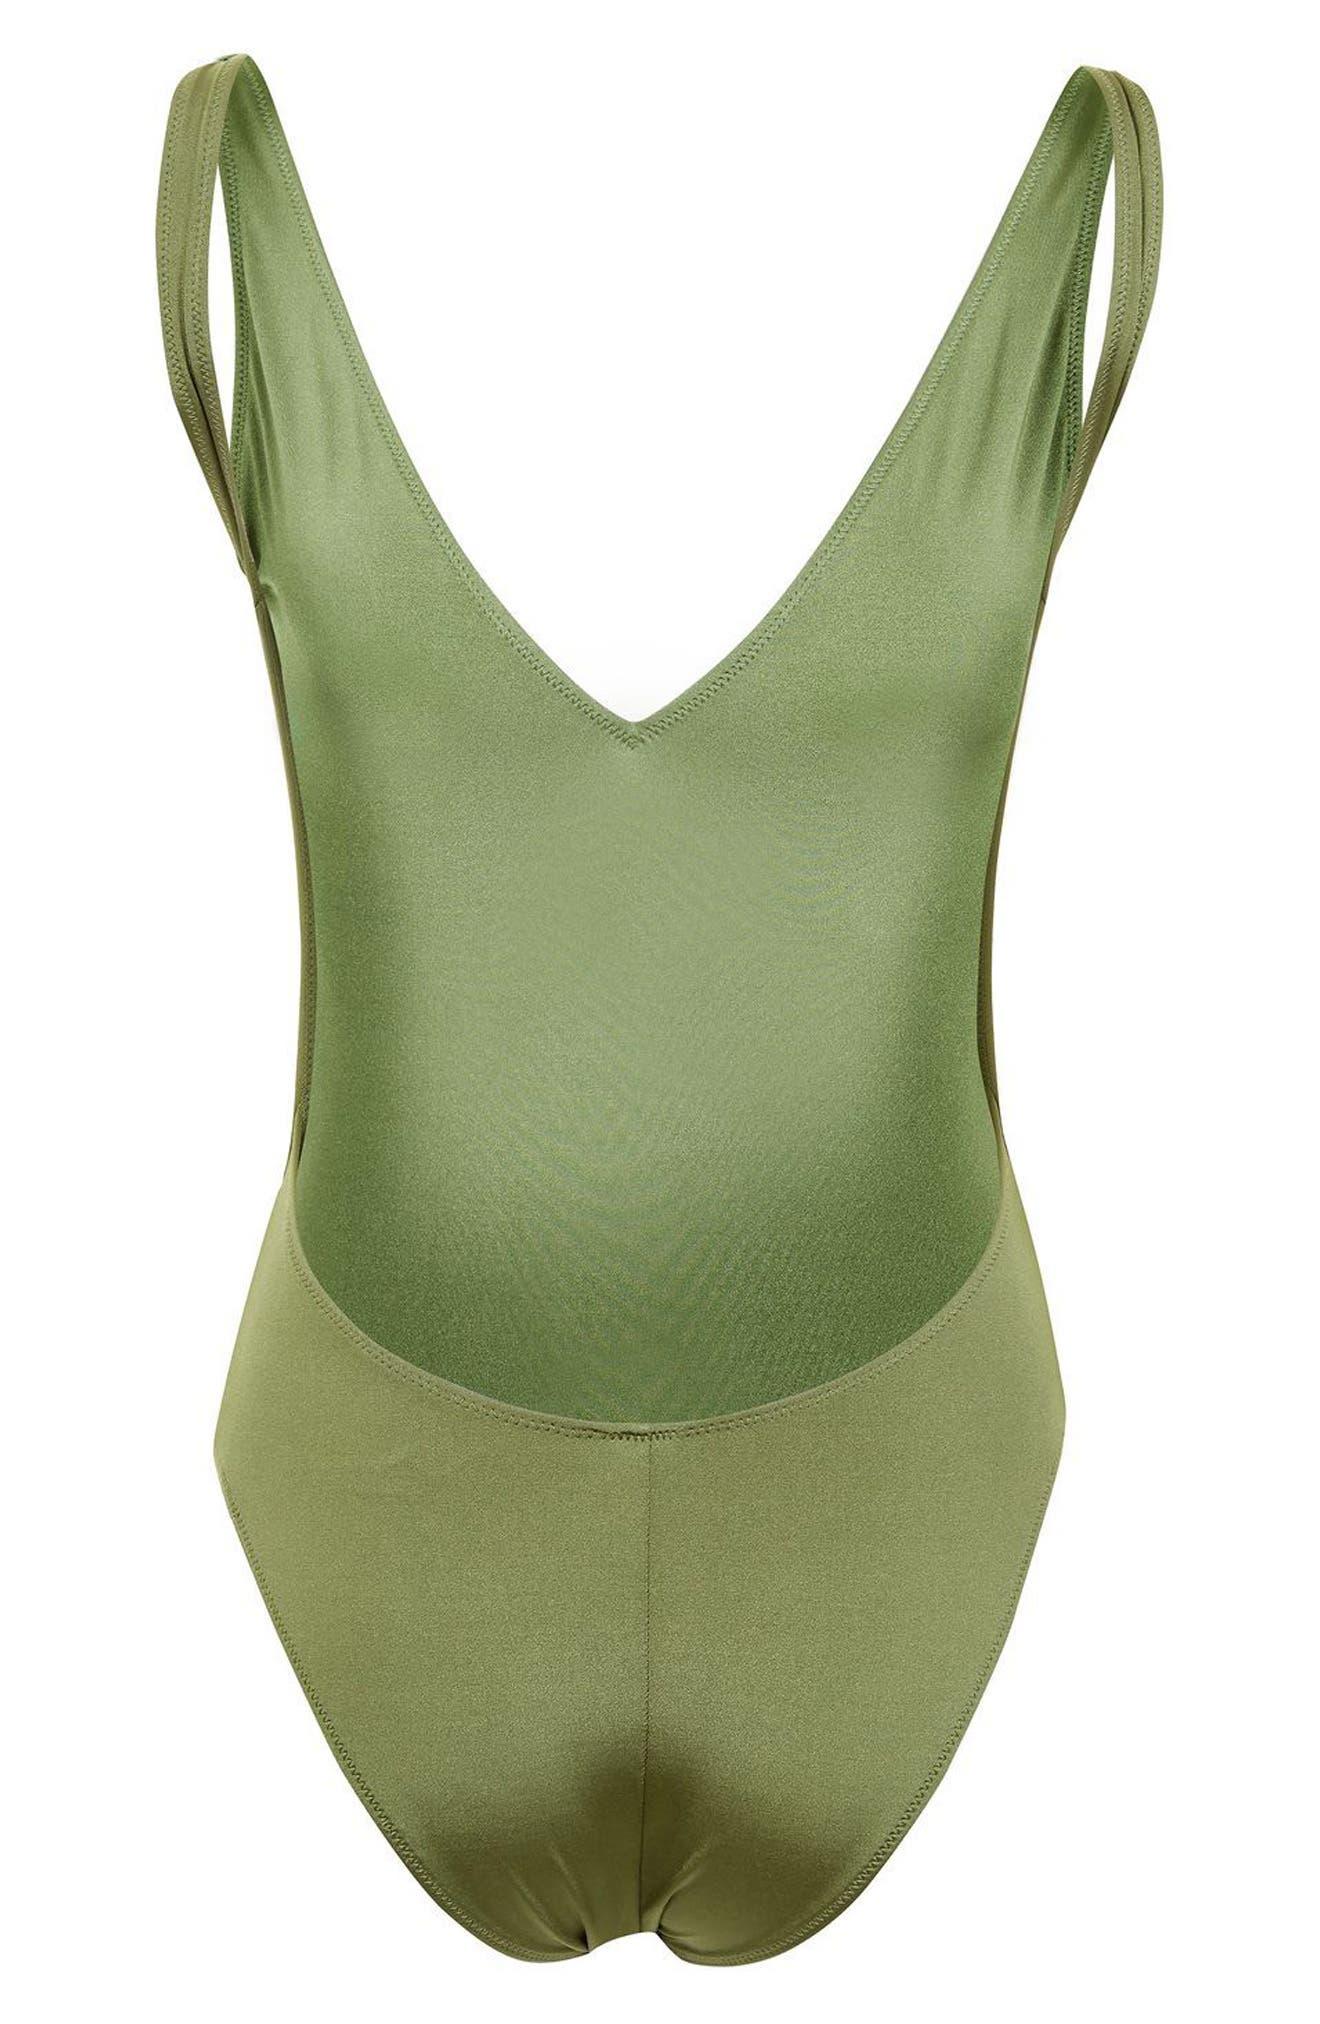 Pamela One-Piece Swimsuit,                             Alternate thumbnail 6, color,                             650